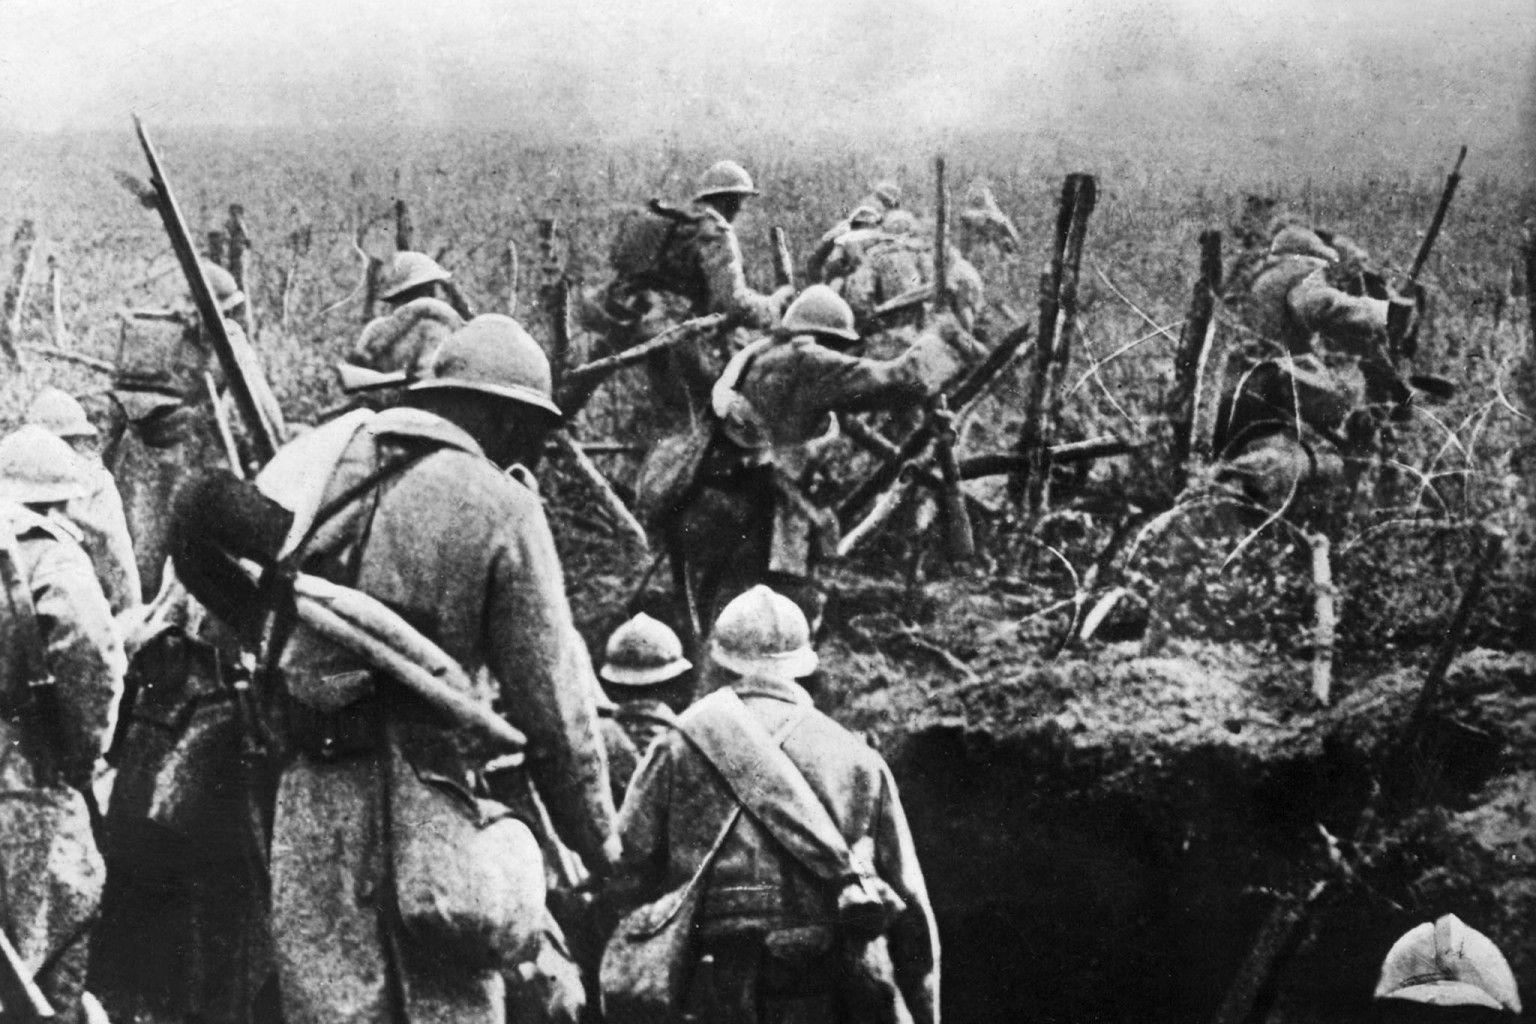 100e anniversaire : comment Verdun s'est imposée comme la bataille mythique de la 1ère guerre mondiale (et ce que cela dit de notre rapport à la guerre)